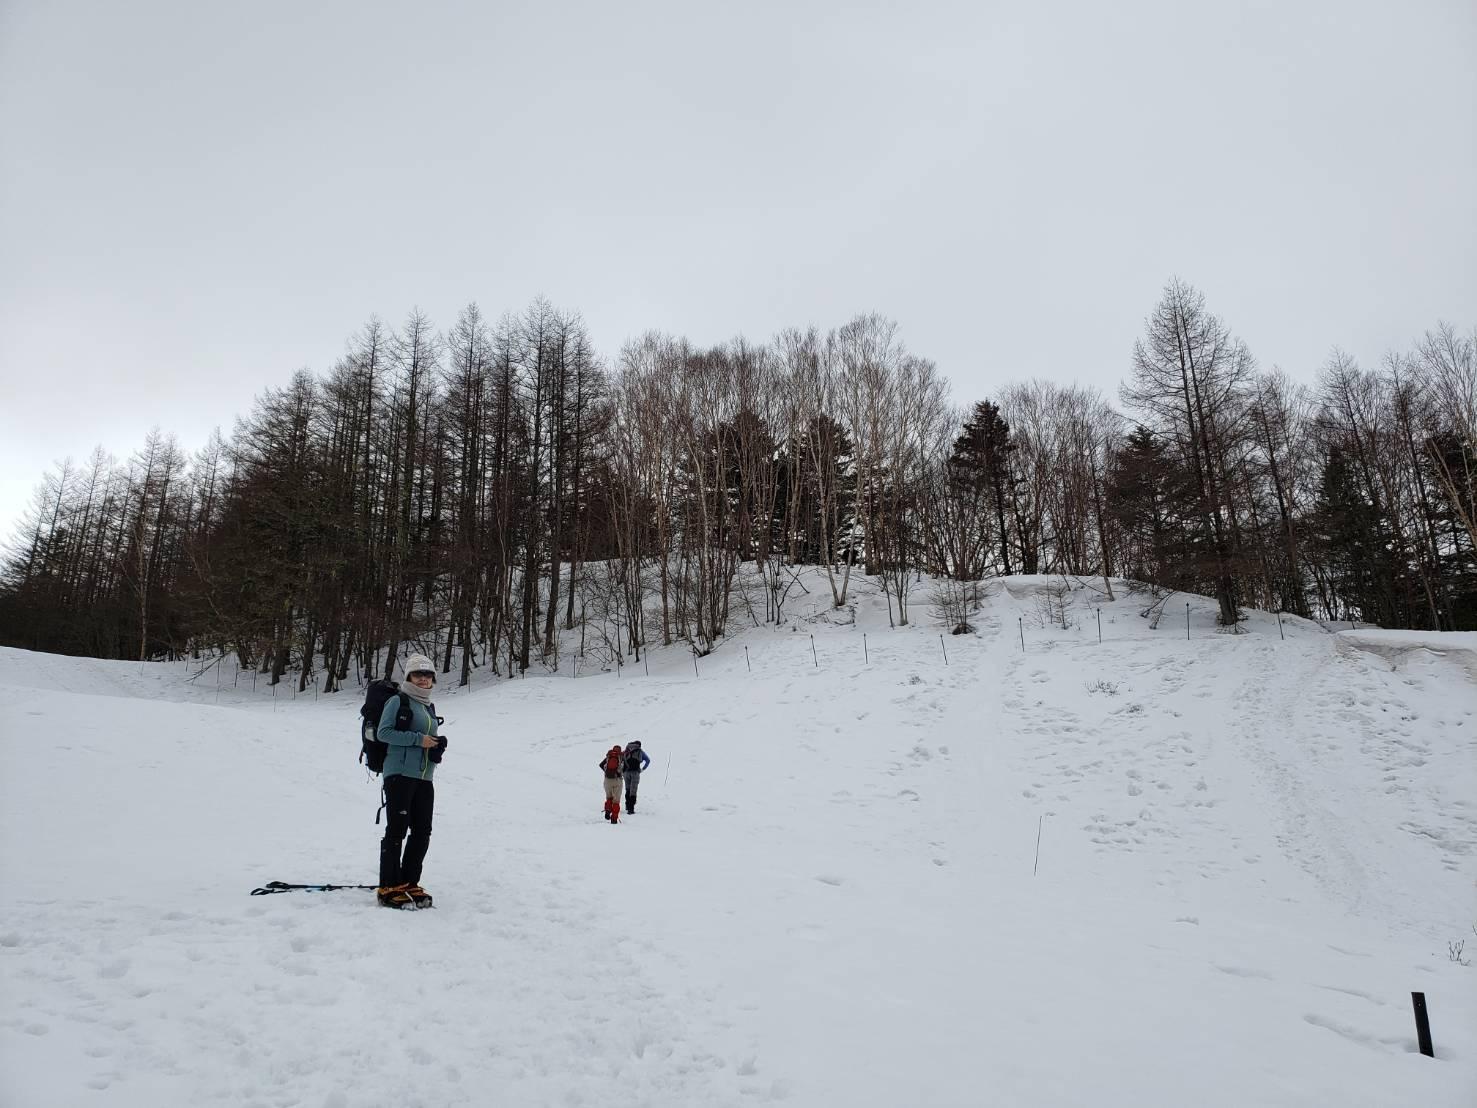 雪山ハイク入門の入笠山へ。_a0138134_01250553.jpeg